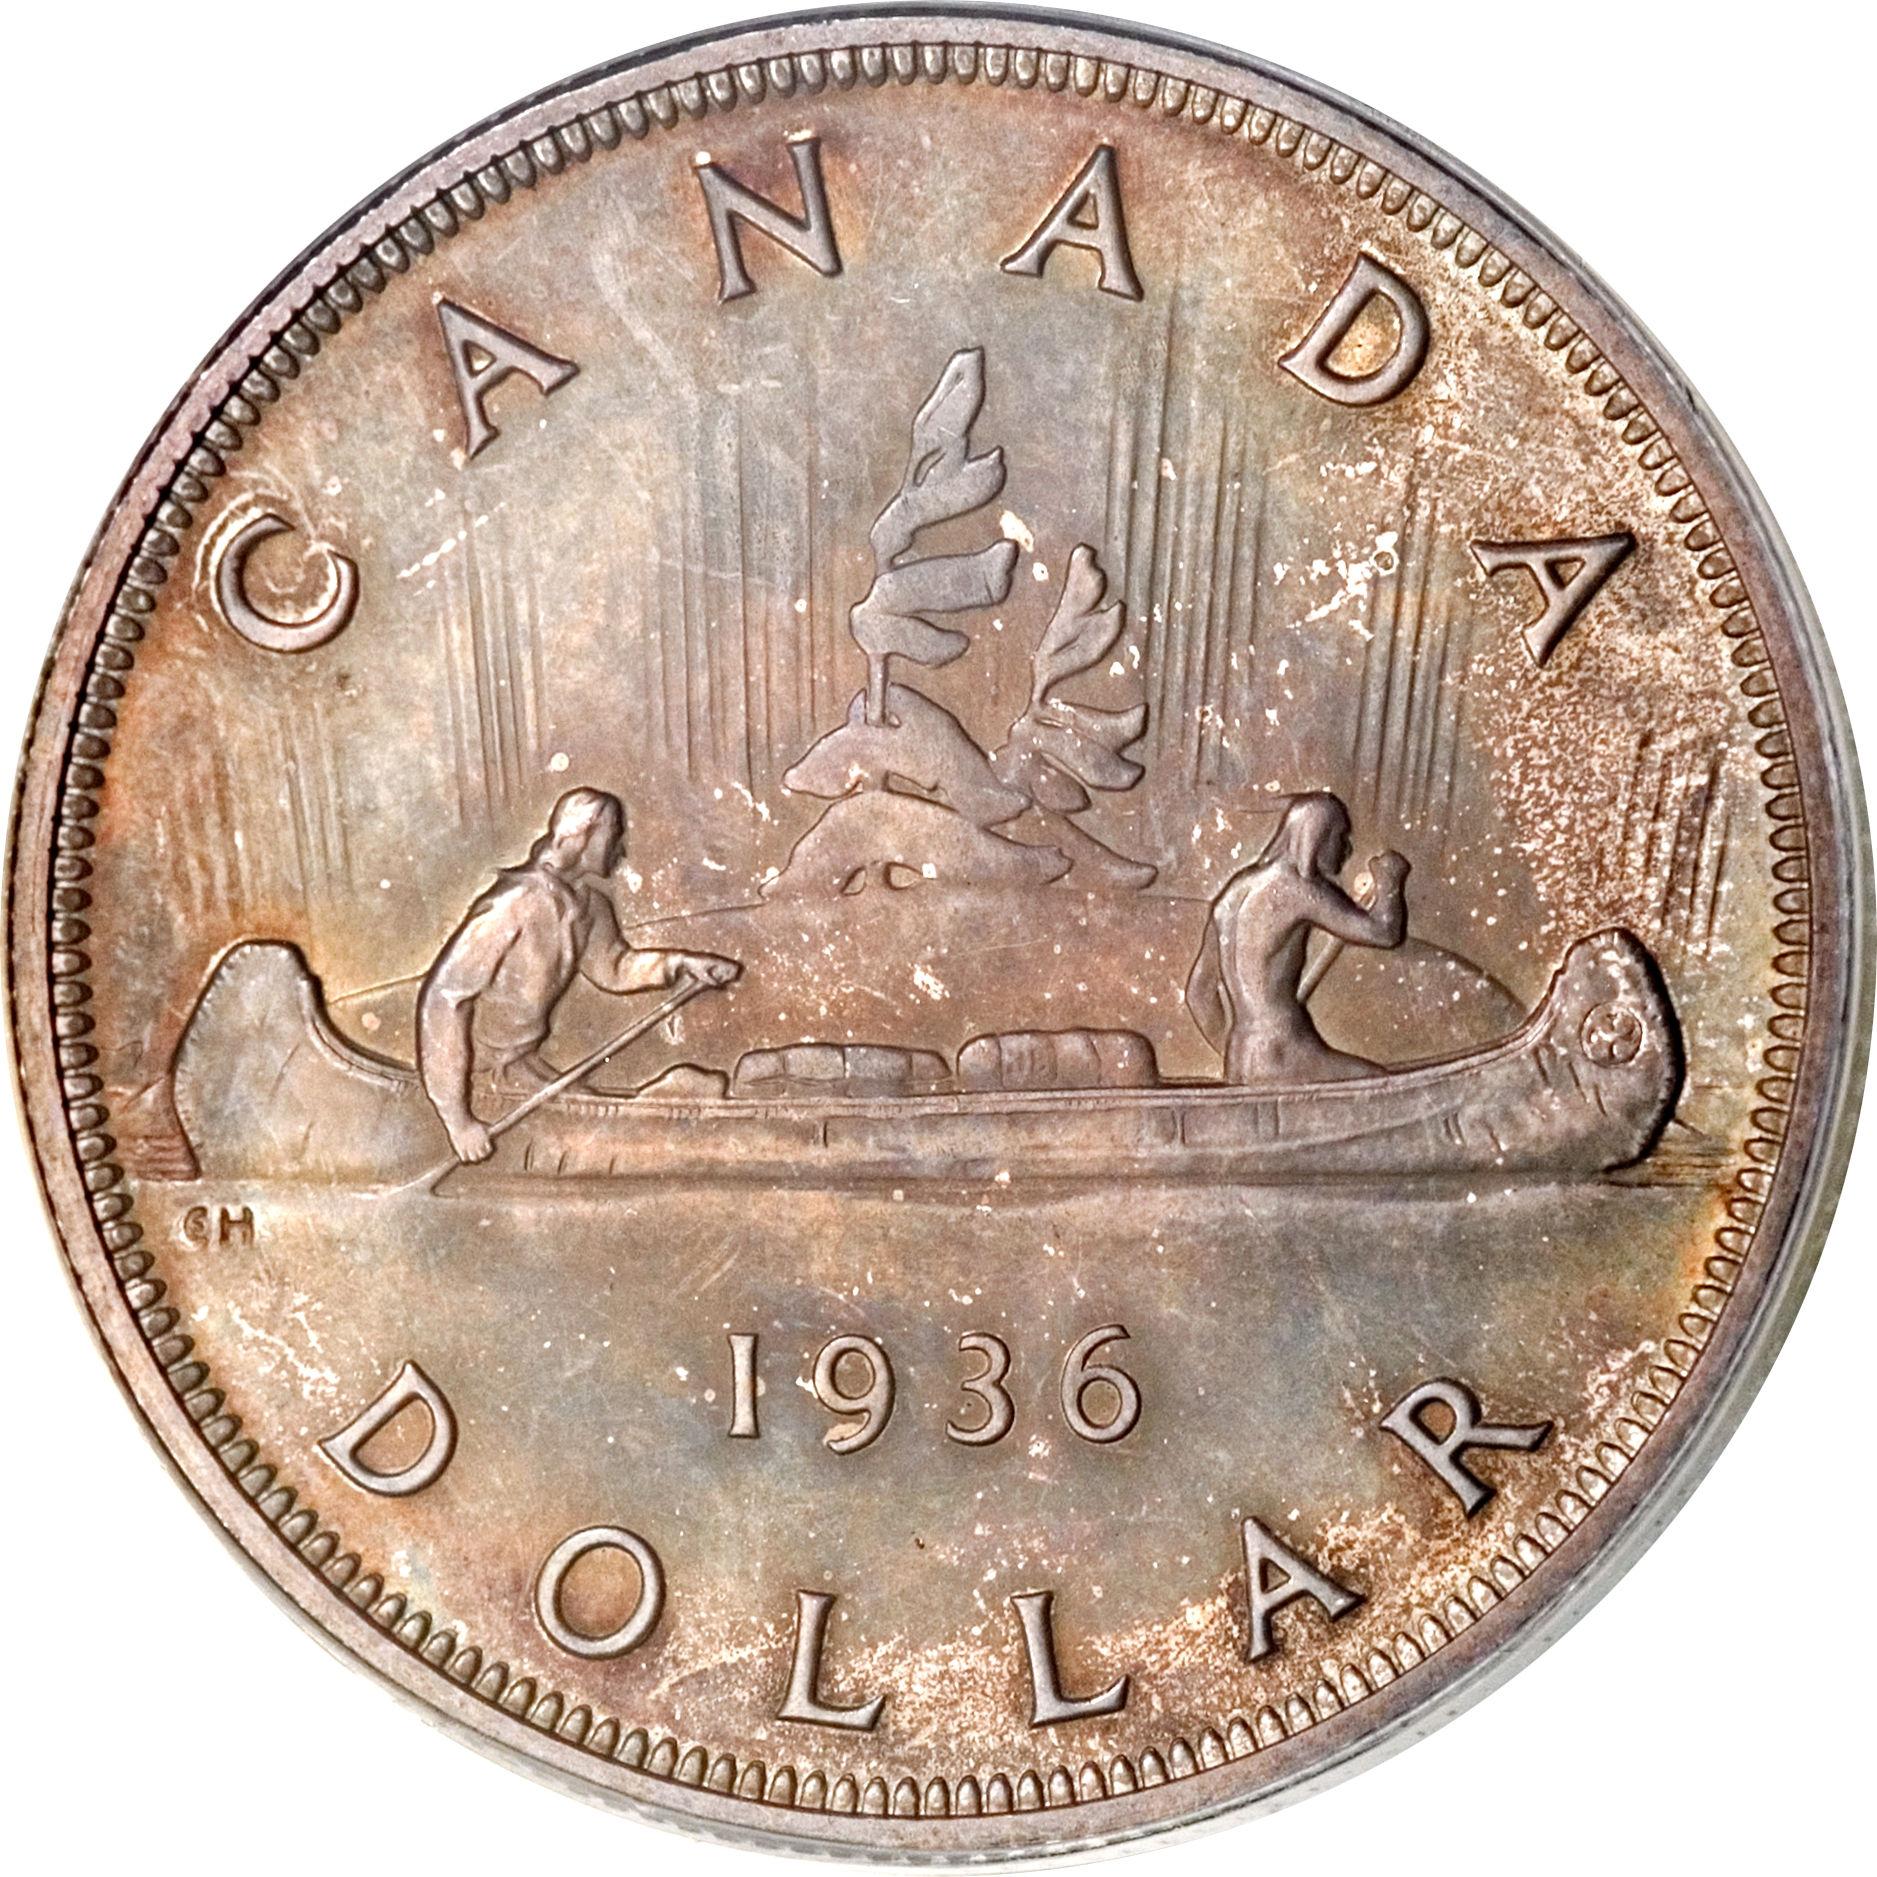 1 Dollar George V With Quot Dei Gratia Quot Canada Numista